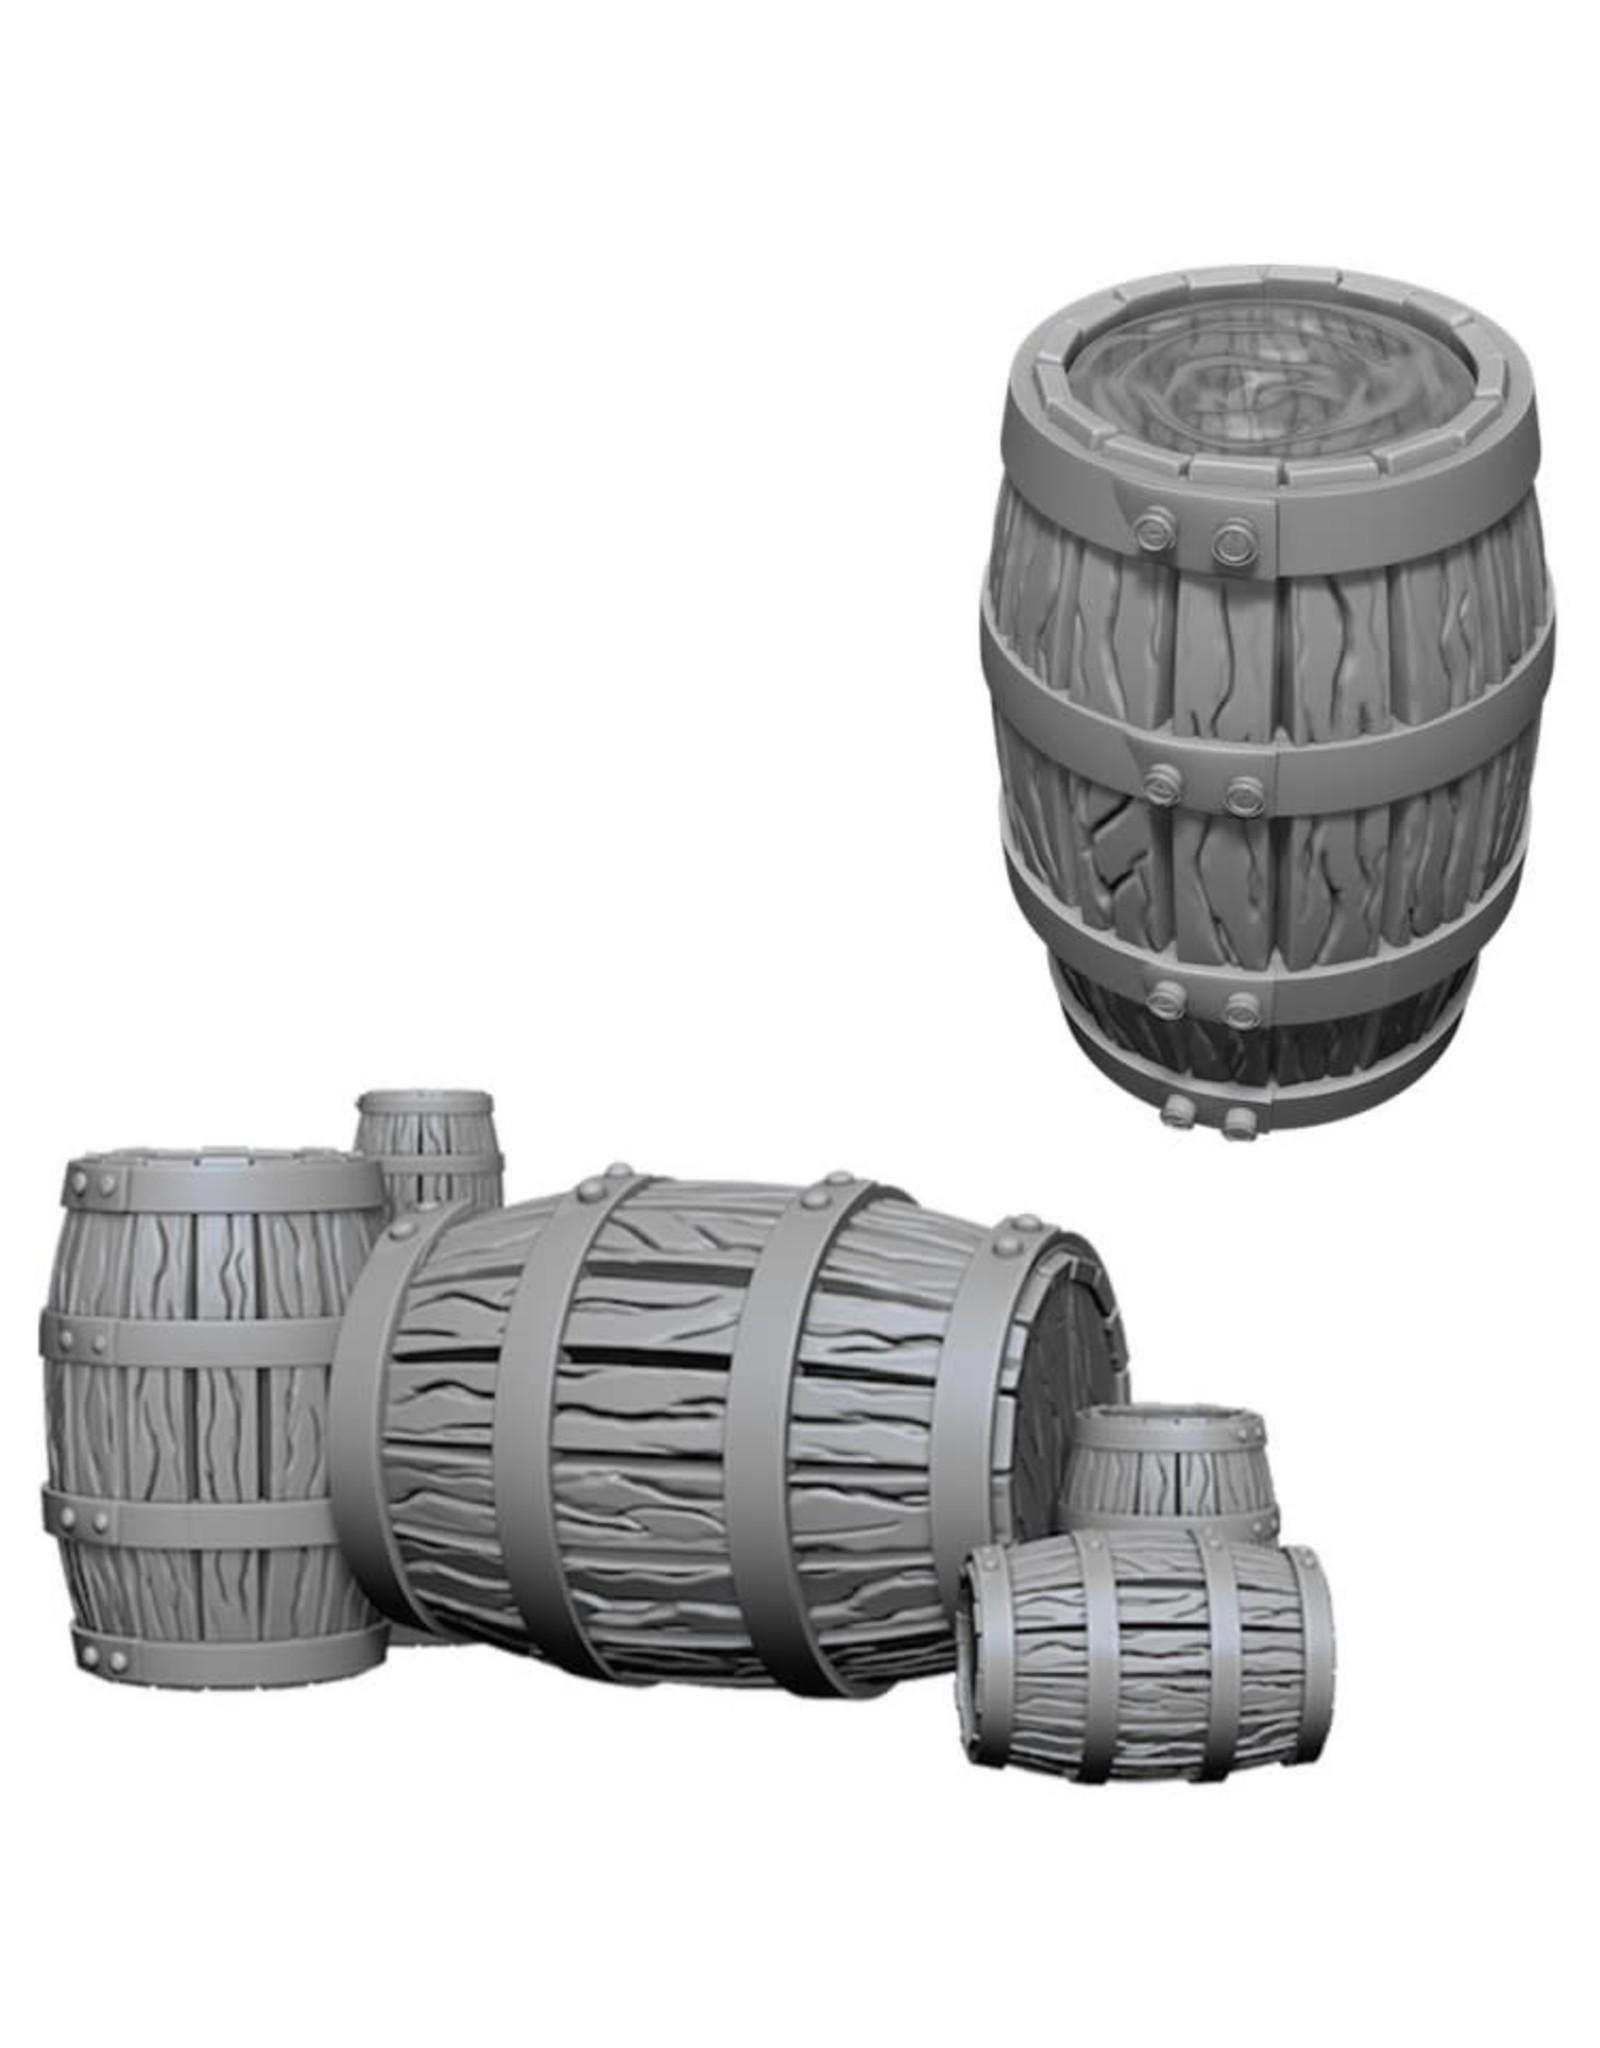 WizKids D&D Minis (unpainted): Barrel & Pile of Barrels Wave 5, 73361